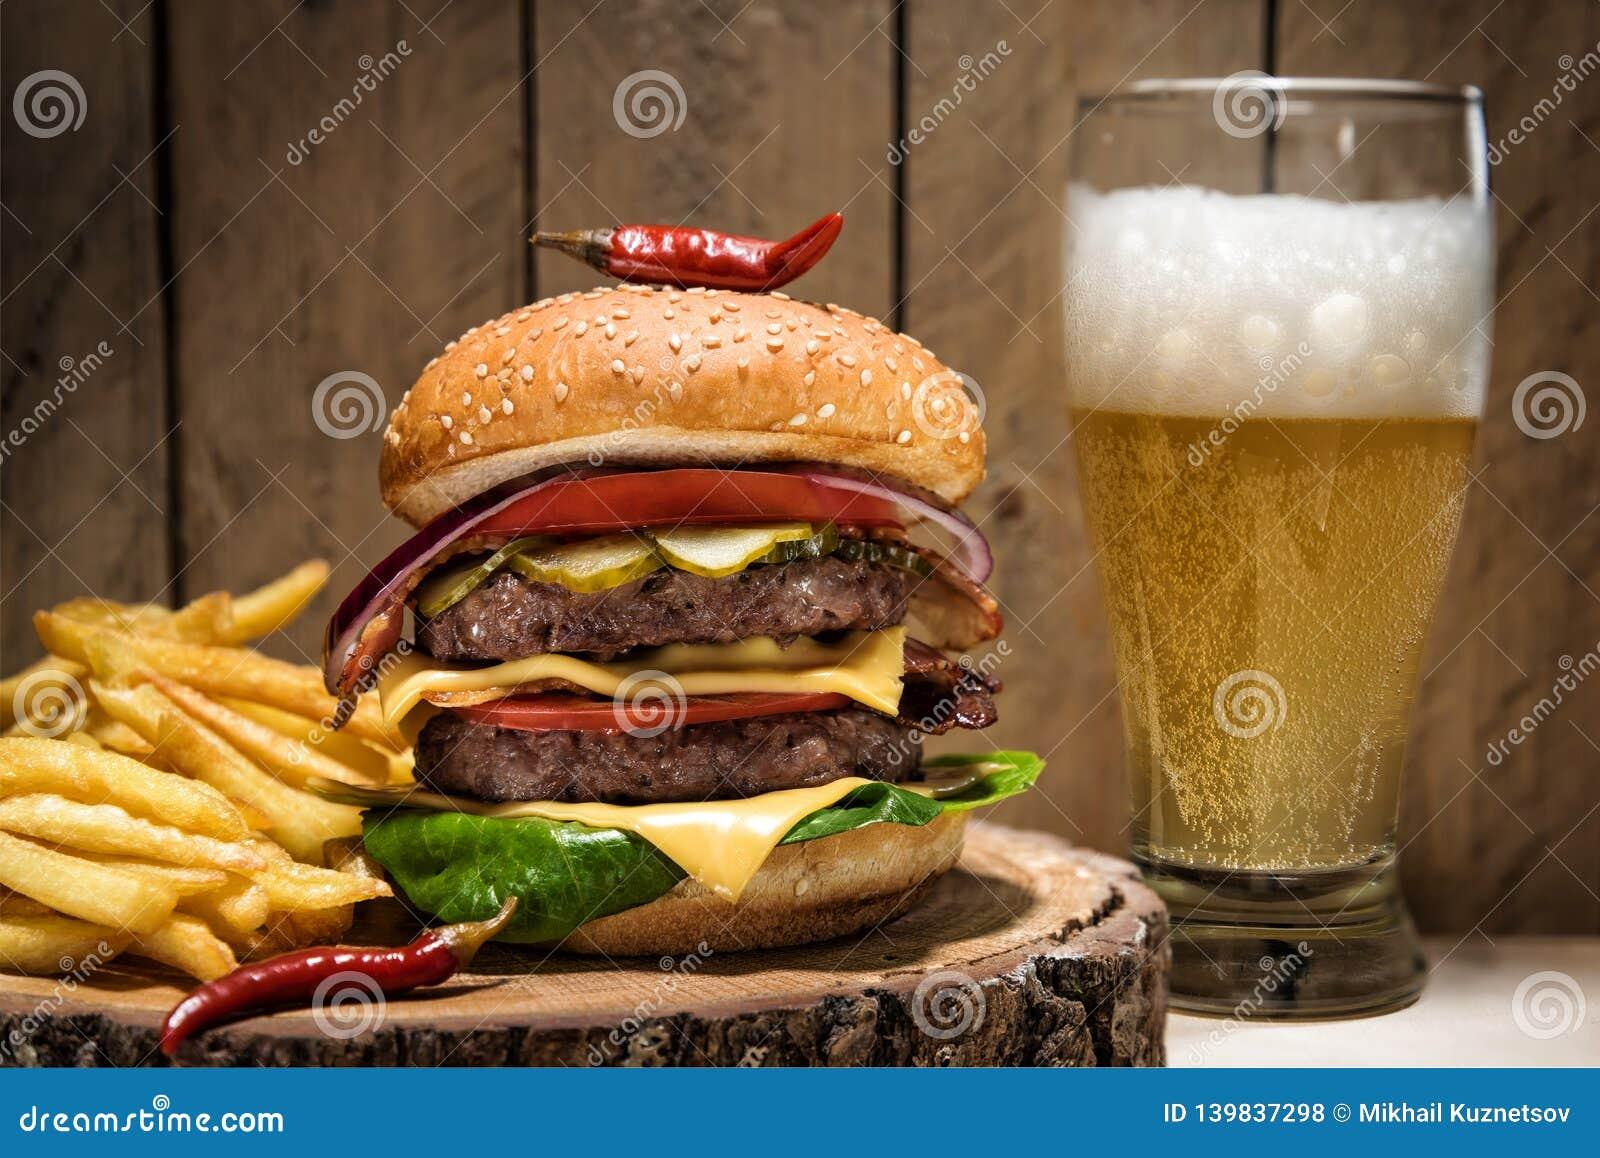 Großer Cheeseburger mit Paprikapfeffer, Pommes-Frites und einem Glas Bier auf hölzernem Hintergrund